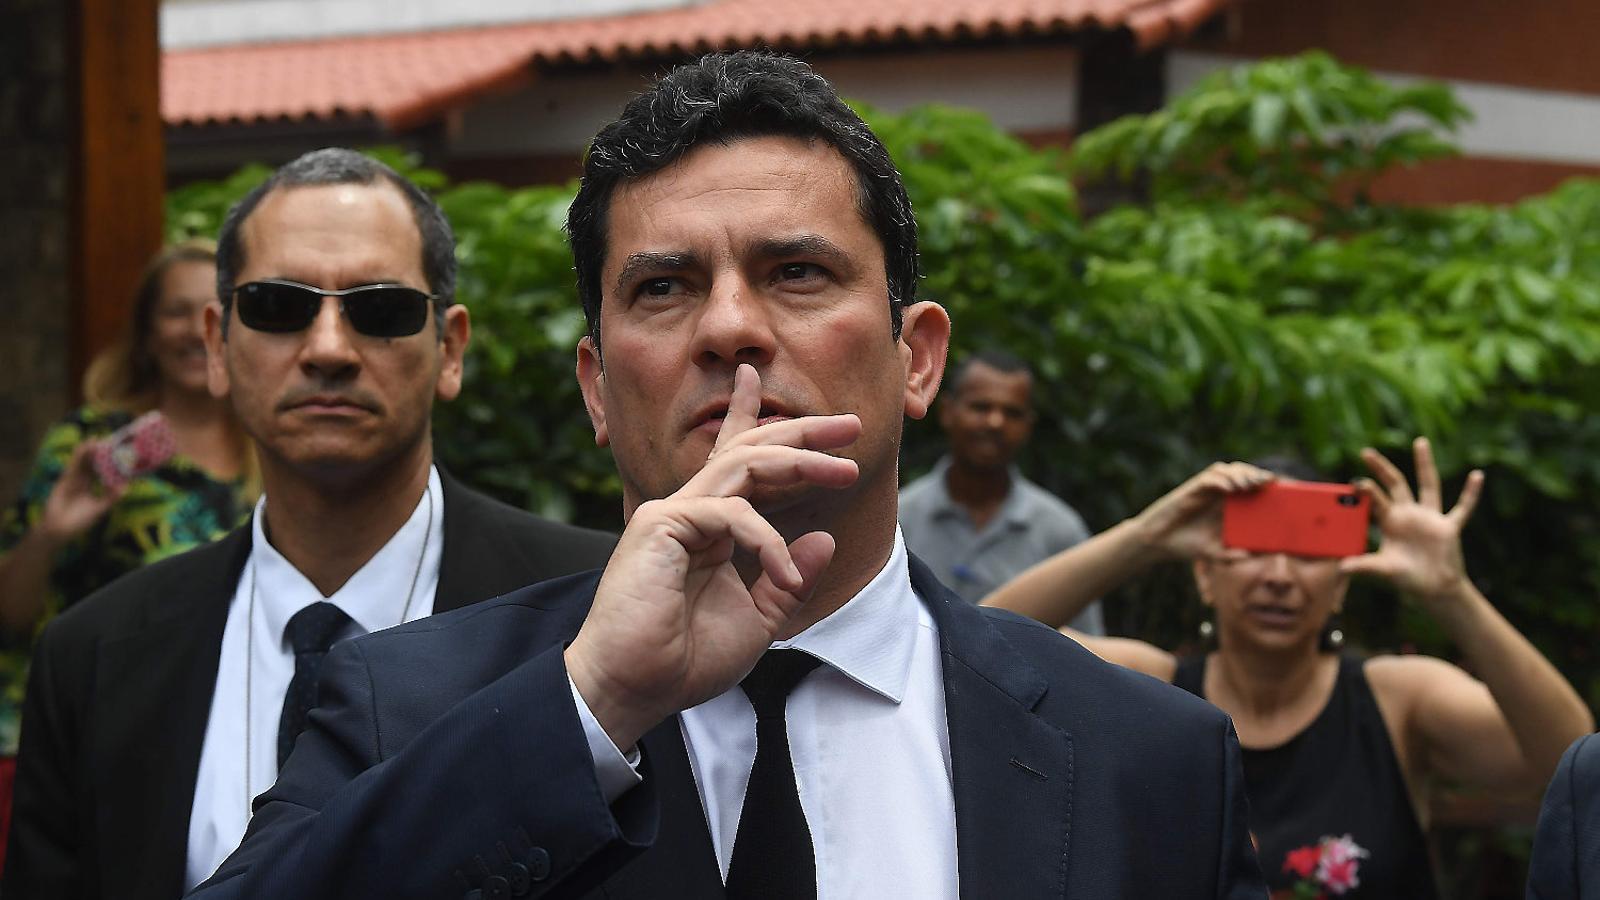 Una investigació periodística qüestiona la imparcialitat del jutge que va enviar Lula a la presó